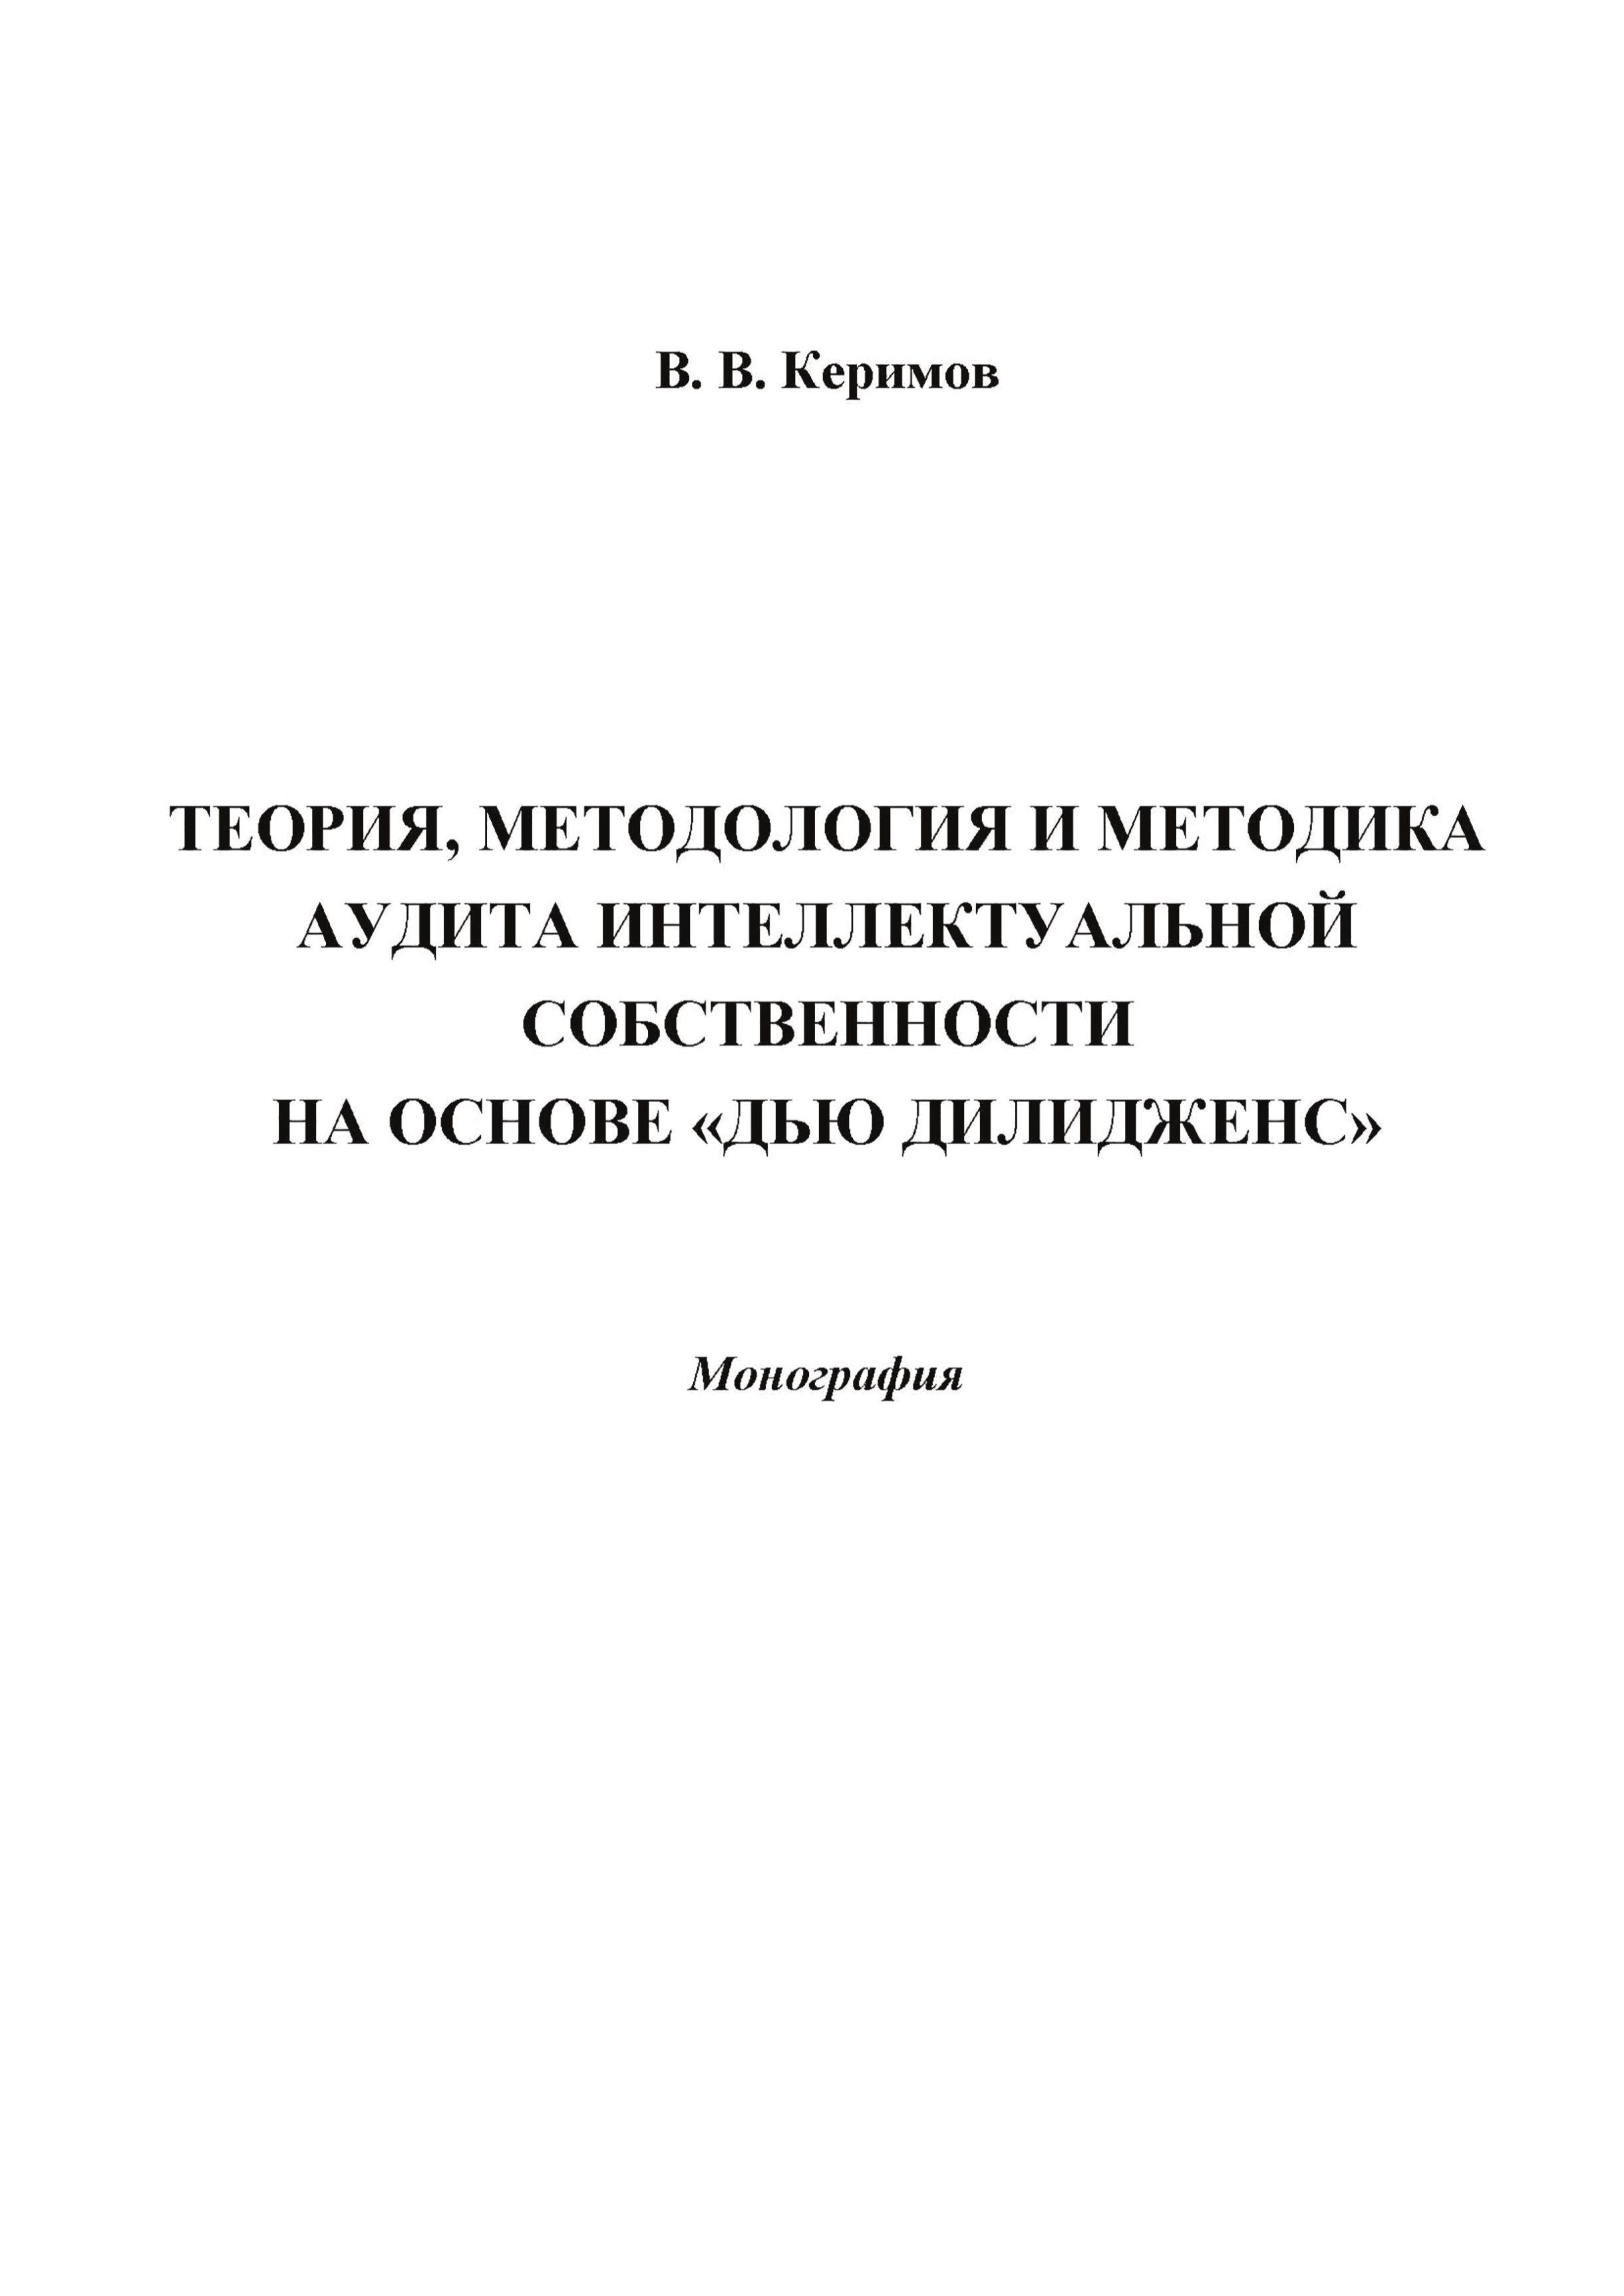 фото обложки издания Теория, методология и методика аудита интеллектуальной собственности на основе «Дью Дилидженс»